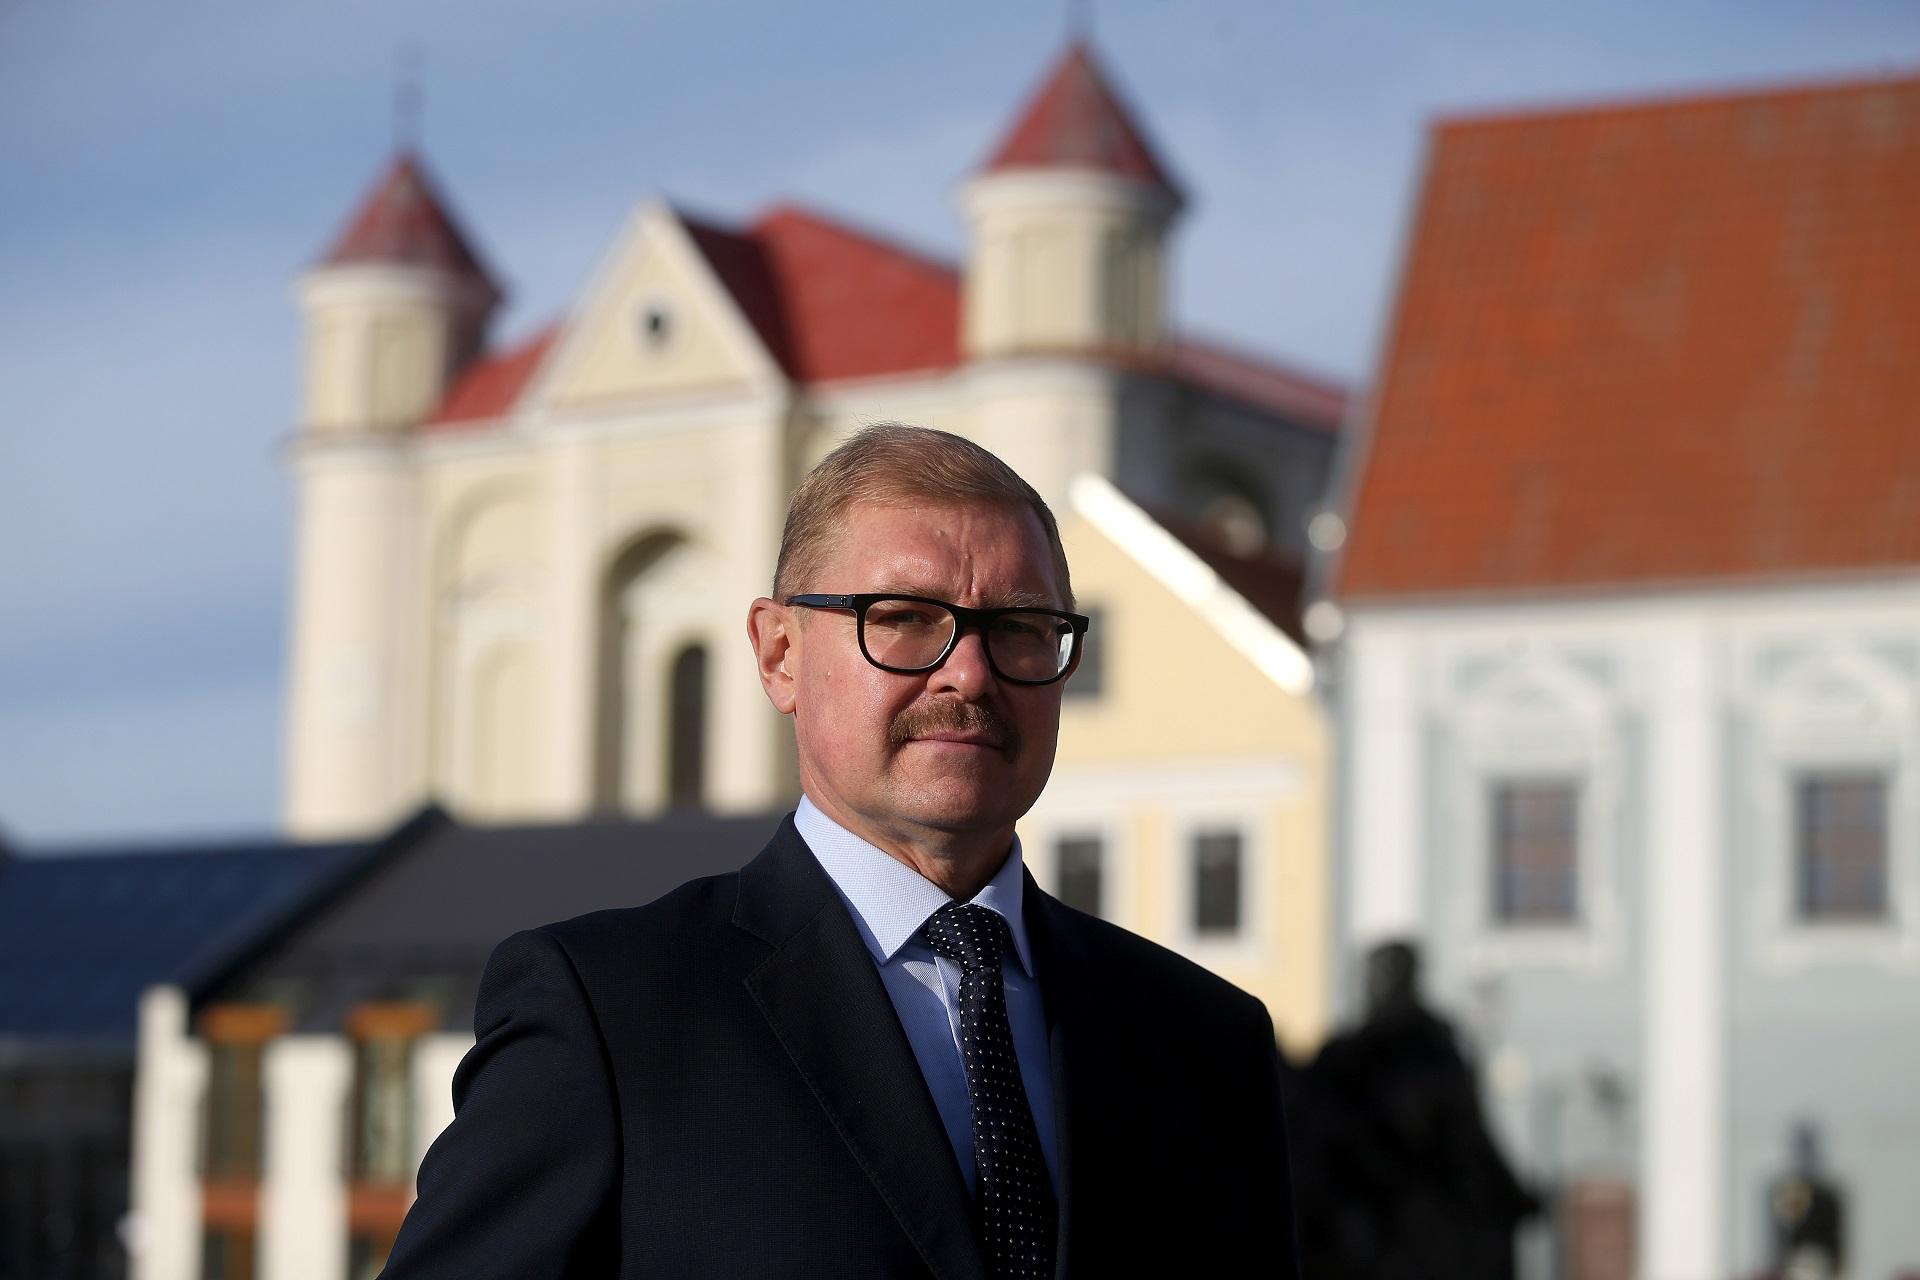 """Arūnas Kacevičius pažymėjo, kad savivaldybė skiria didžiulį dėmesį viešųjų miesto erdvių atnaujinimui. Algimanto Barzdžiaus """"Rinkos aikštės"""" archyvo nuotr."""